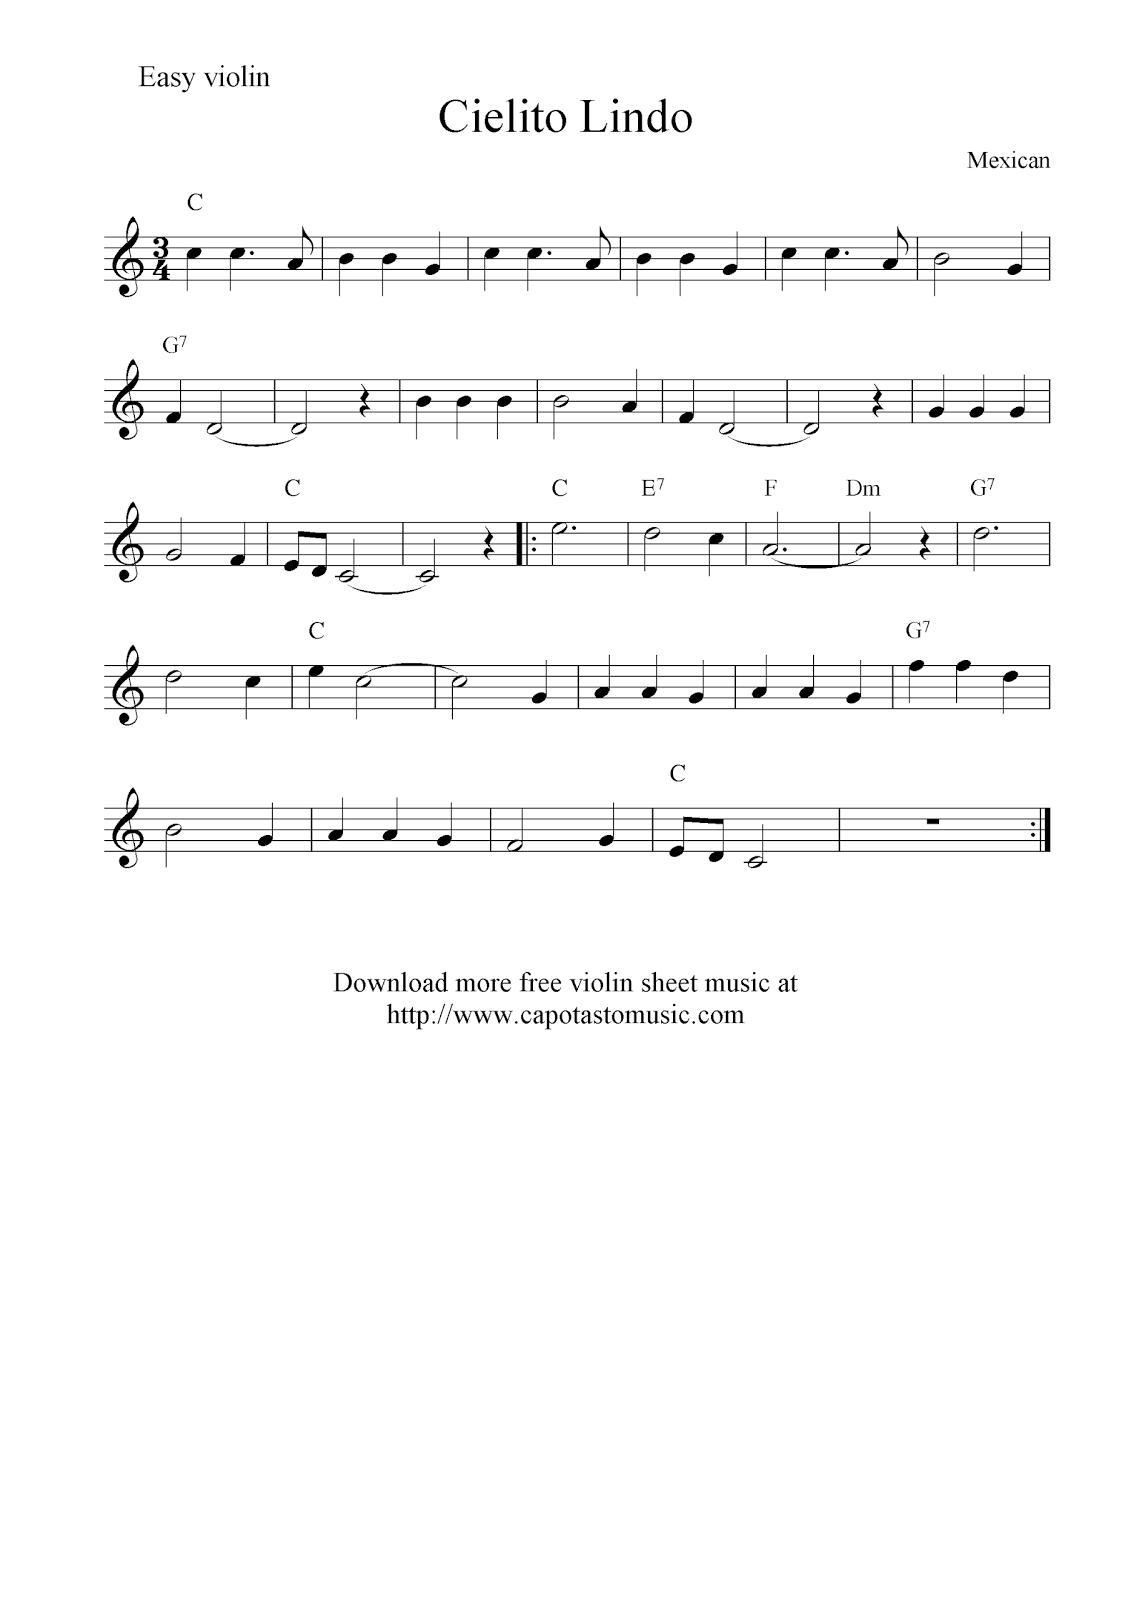 Free Sheet Music Easy Violin